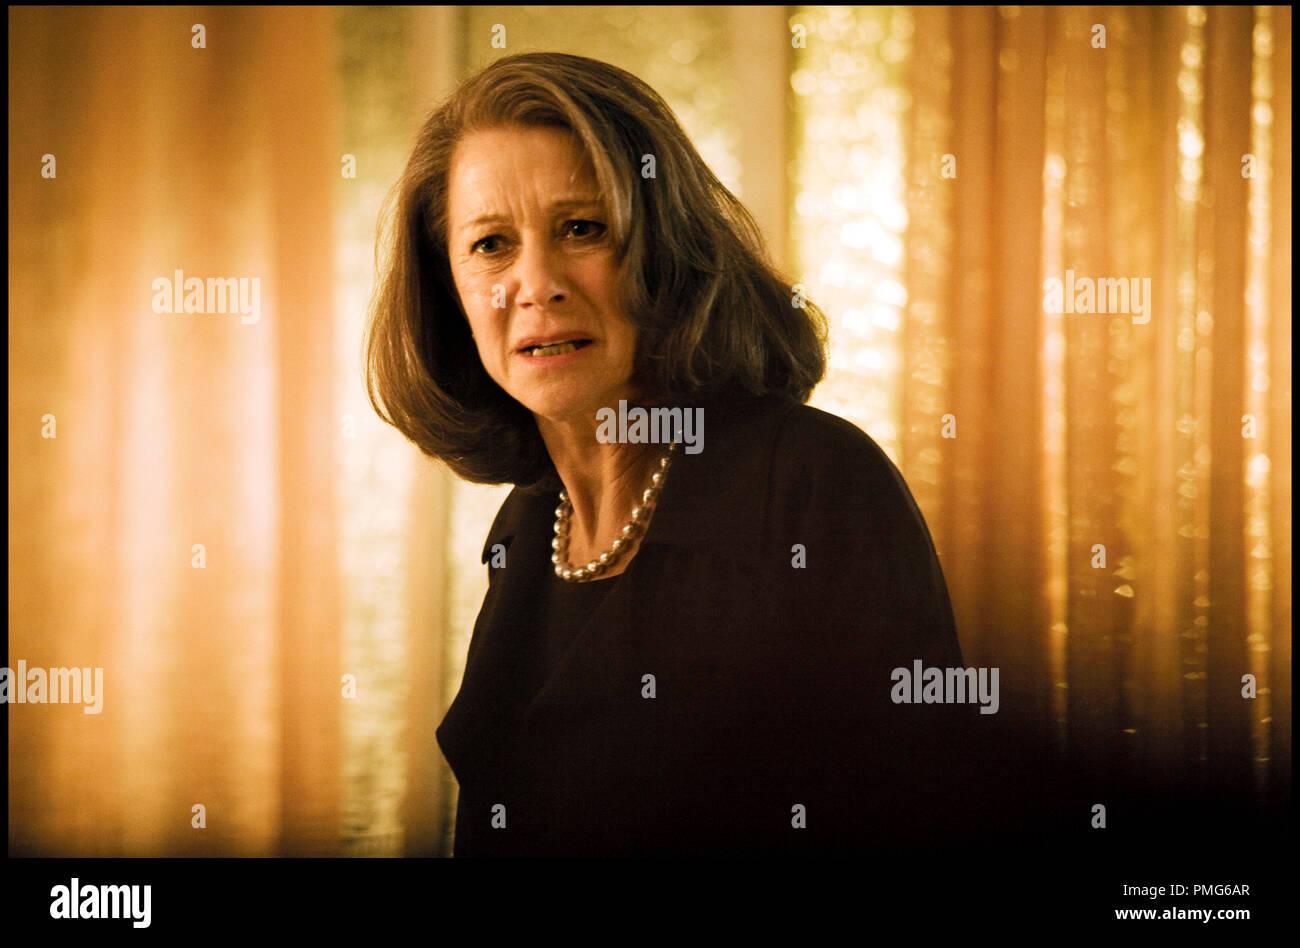 Prod DB © Miramax Films Marv - Pioneer - Images / DR L'AFFAIRE RACHEL SINGER (LA DETTE) de John Madden 2010 États-Unis avec Helen Mirren remake du film LA DETTE (LA DETTE/HA-HOV) de Assaf Bernstein 2007 ISR. Photo Stock